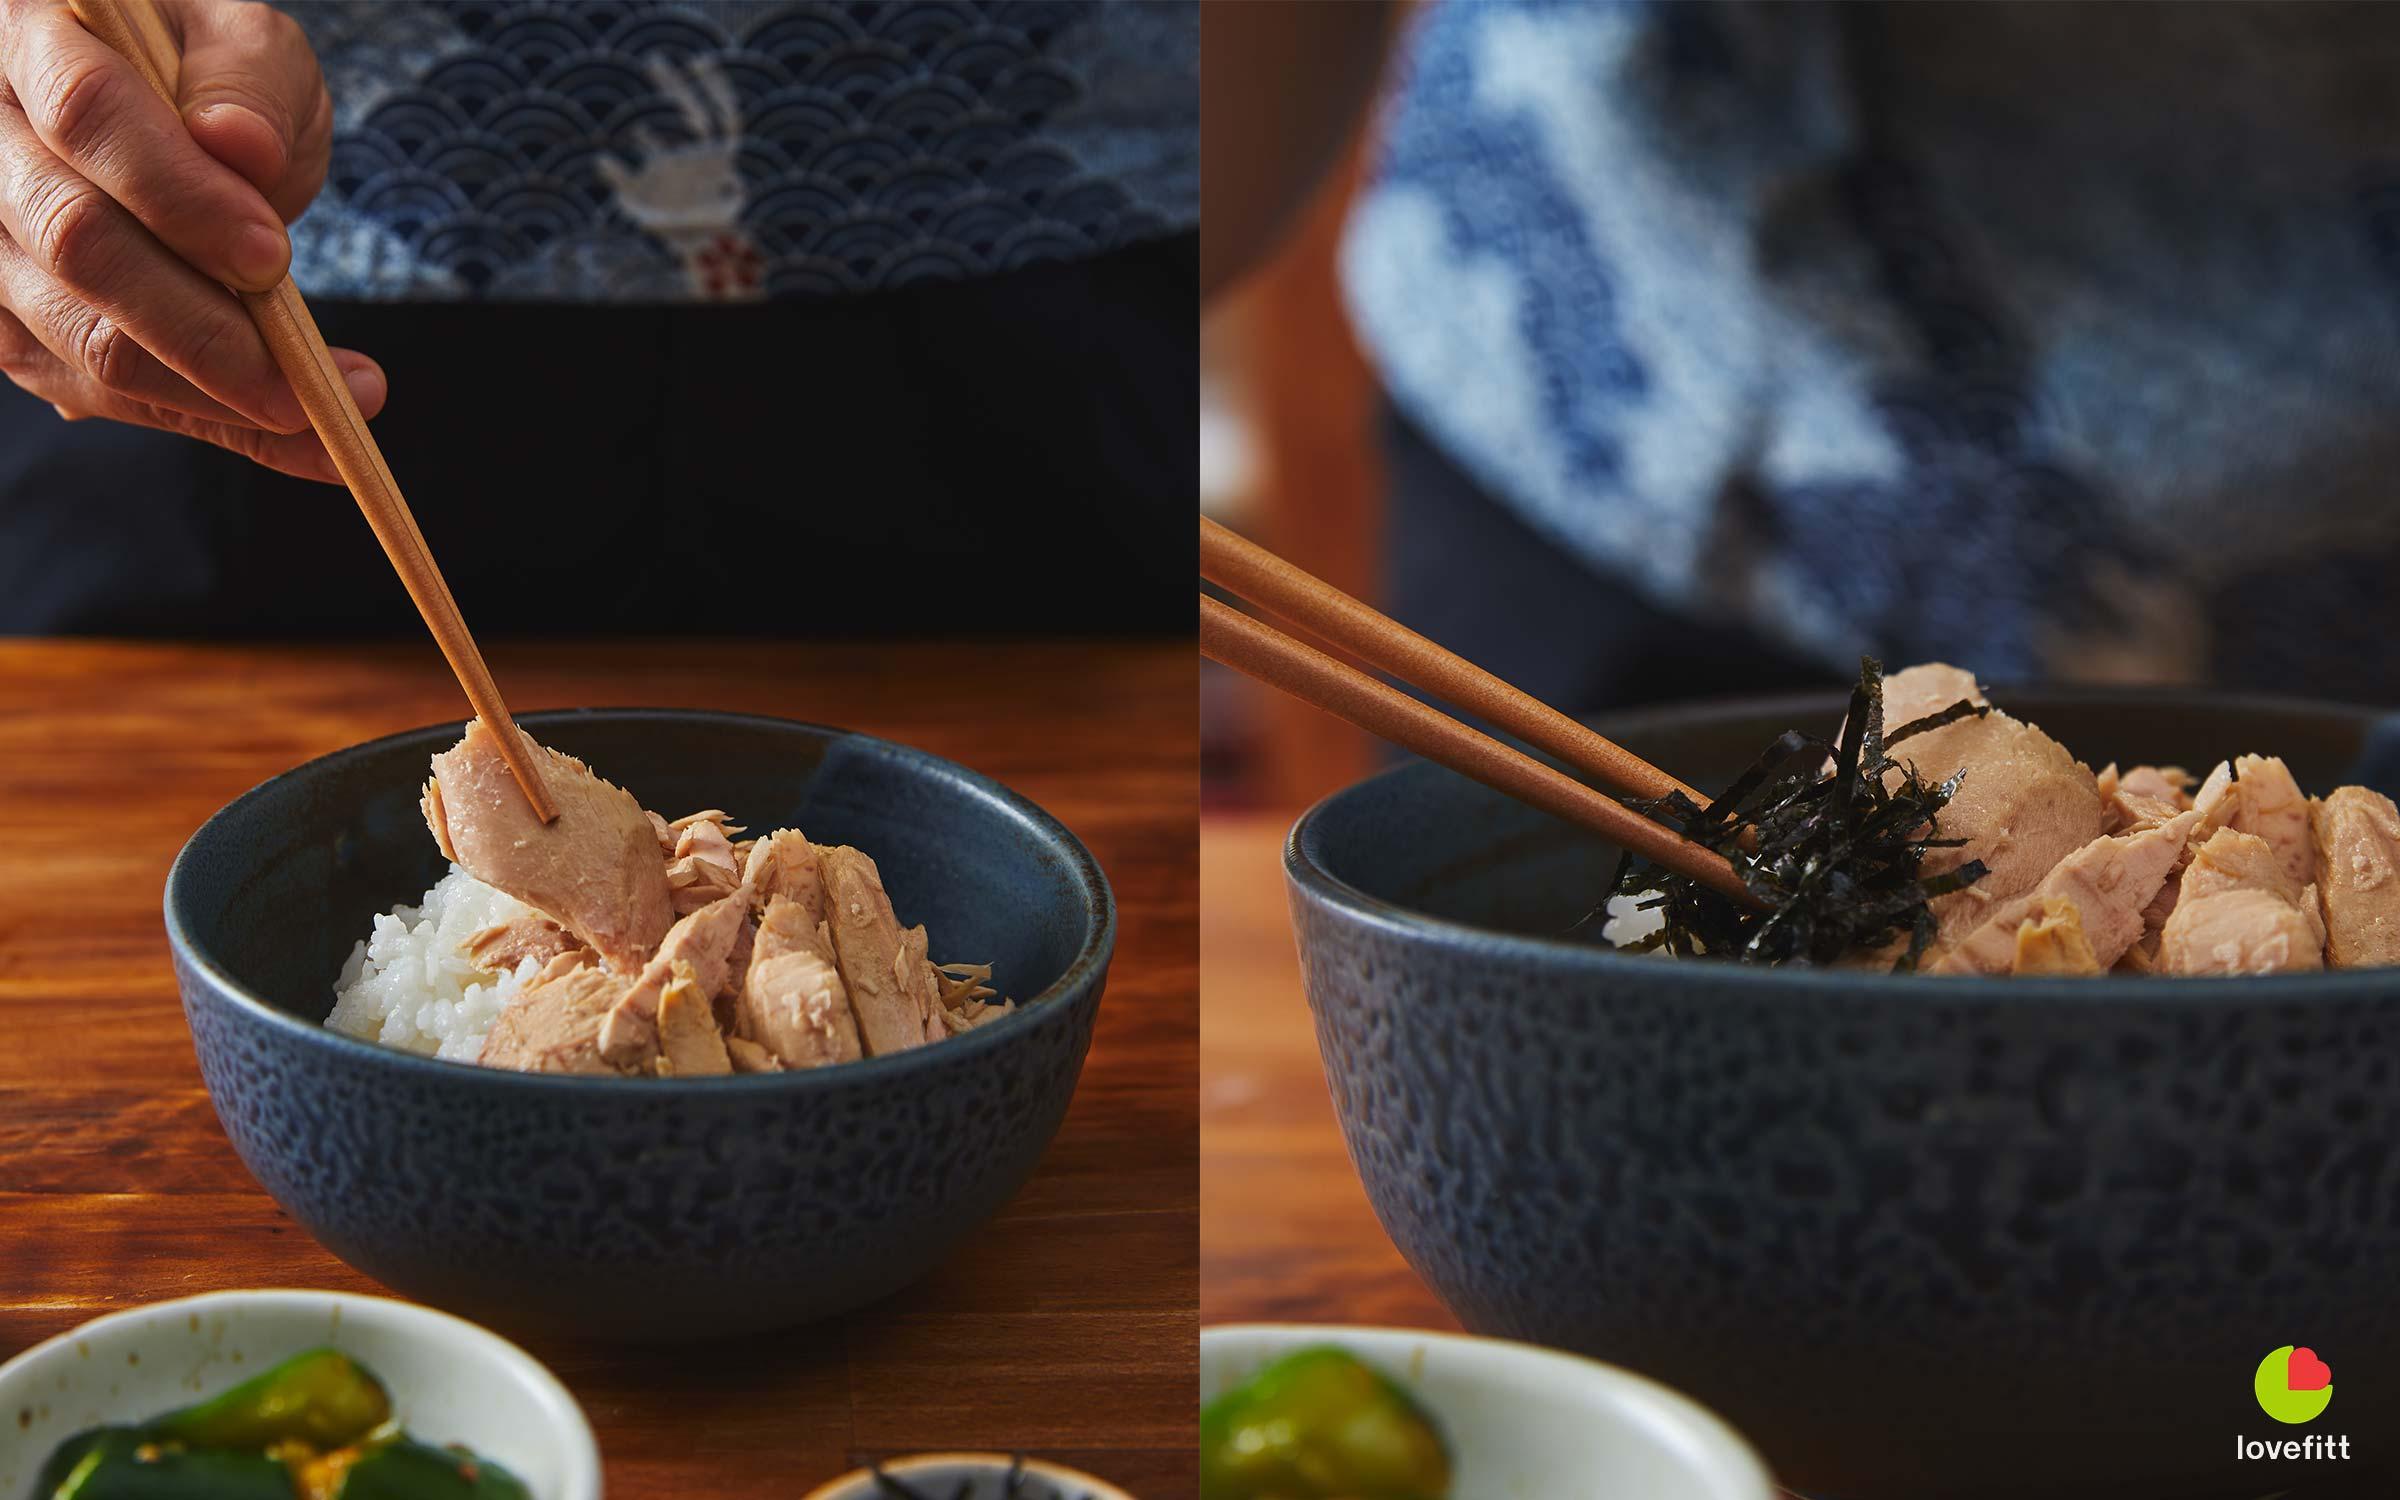 หยิบปลาทูน่าชิ้นใหญ่และสาหร่ายญี่ปุ่นจัดบนถ้วยข้าว